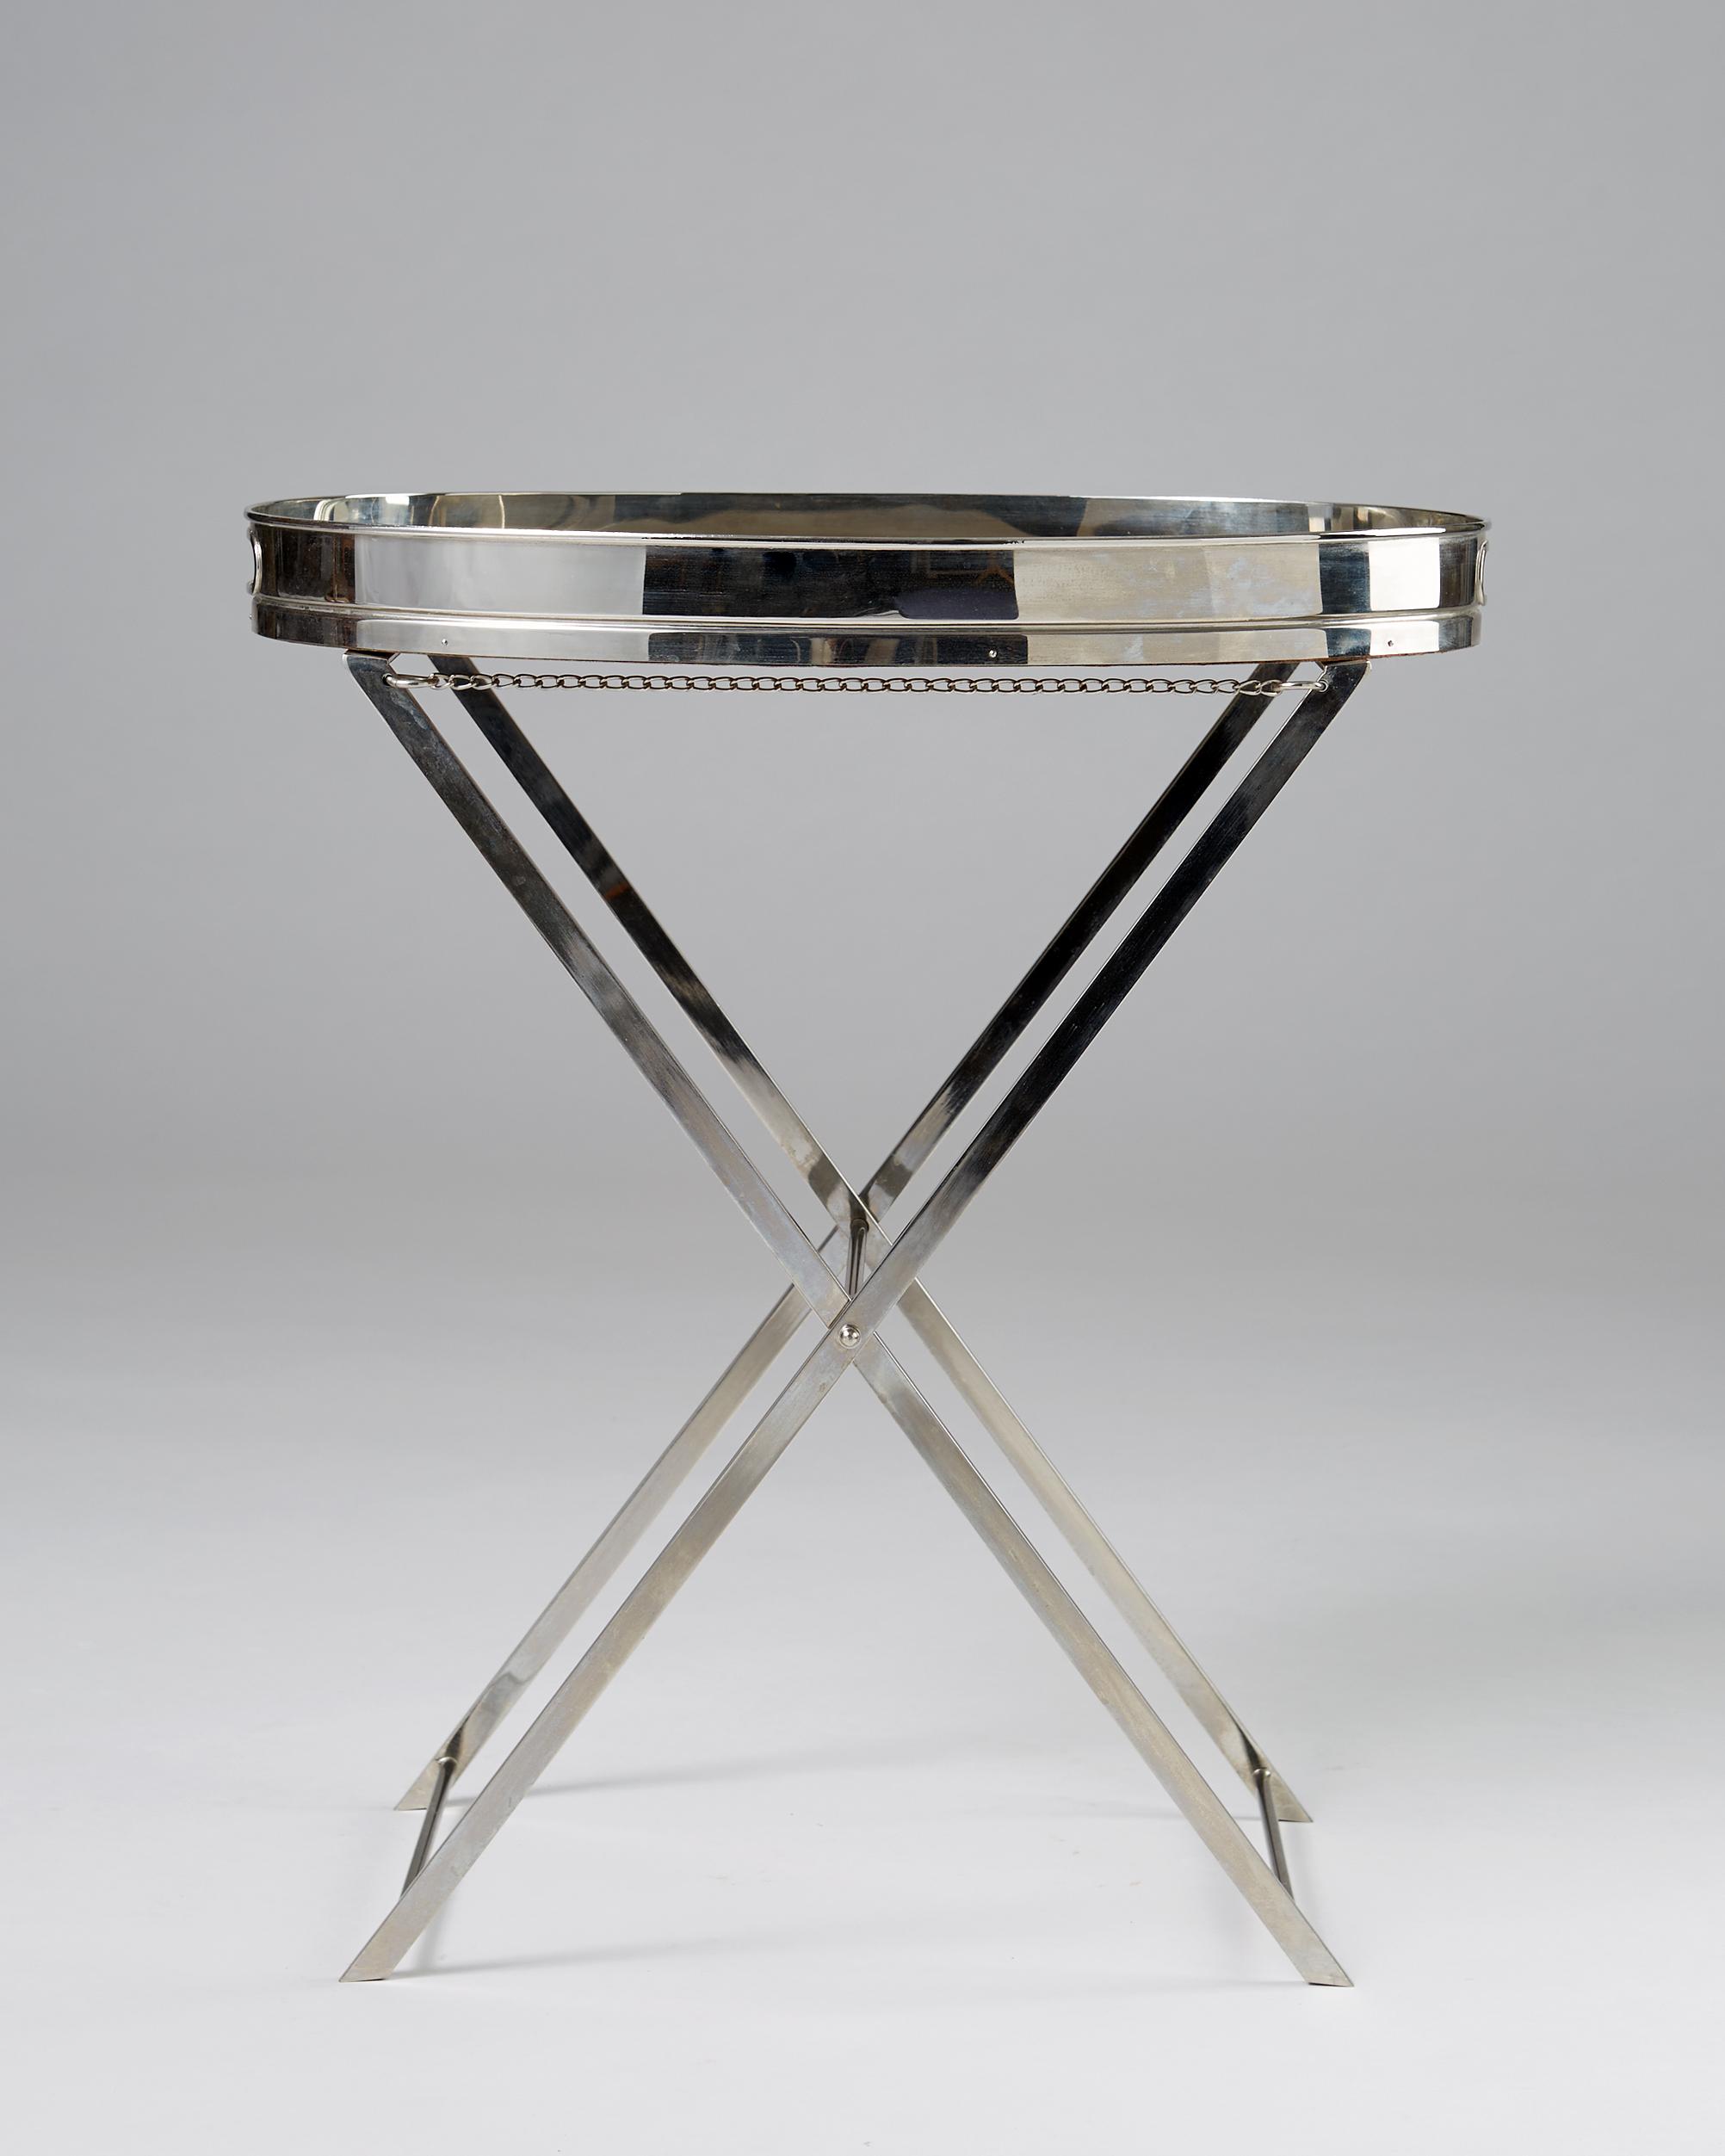 Svenskt Tenn  Tray table Sweden, 1980's Chromed plated metal. 53 x 55,5 x 37 cm